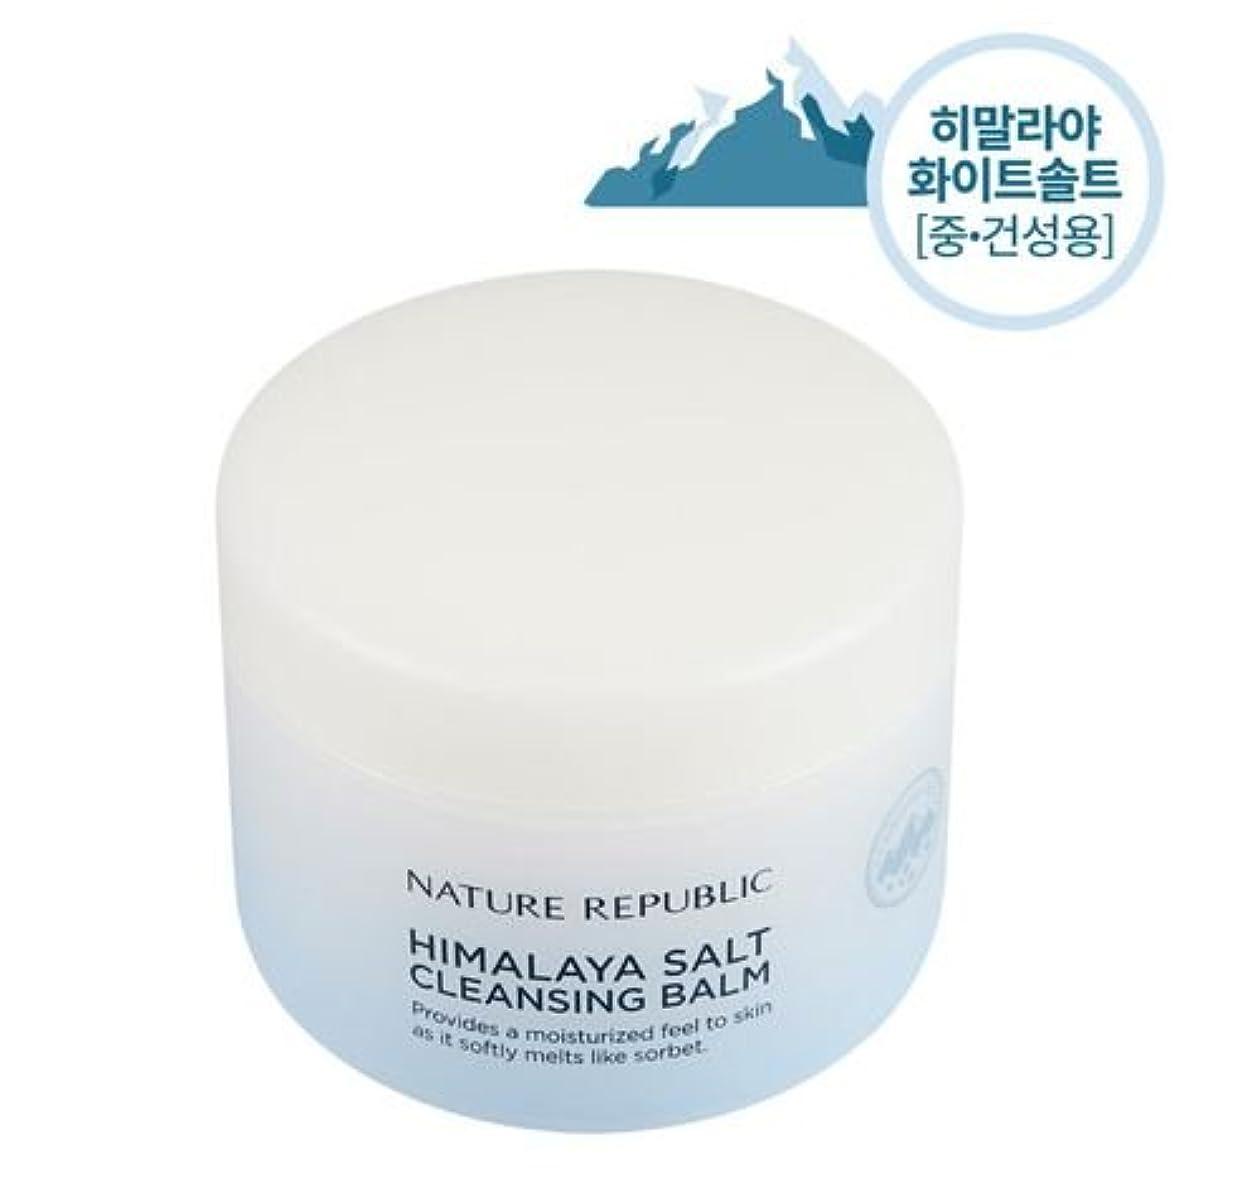 横たわる軍隊シャツNATURE REPUBLIC Himalaya salt cleansing balm (white salt)ヒマラヤソルトクレンジングバーム(white salt) [並行輸入品]